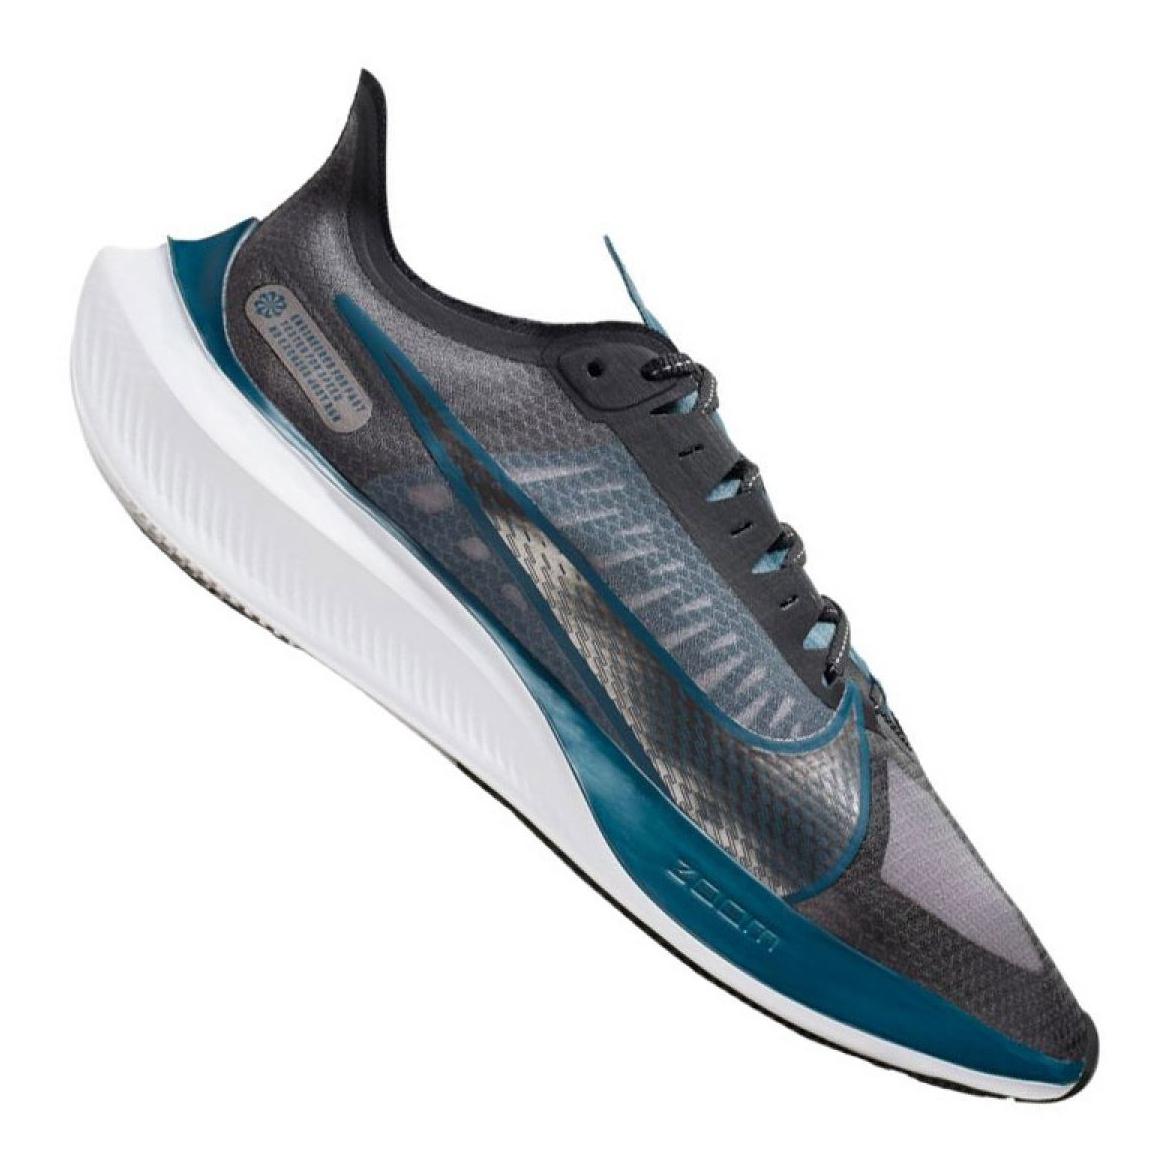 Sapatilhas Nike Zoom Gravity M BQ3202 002 cinza